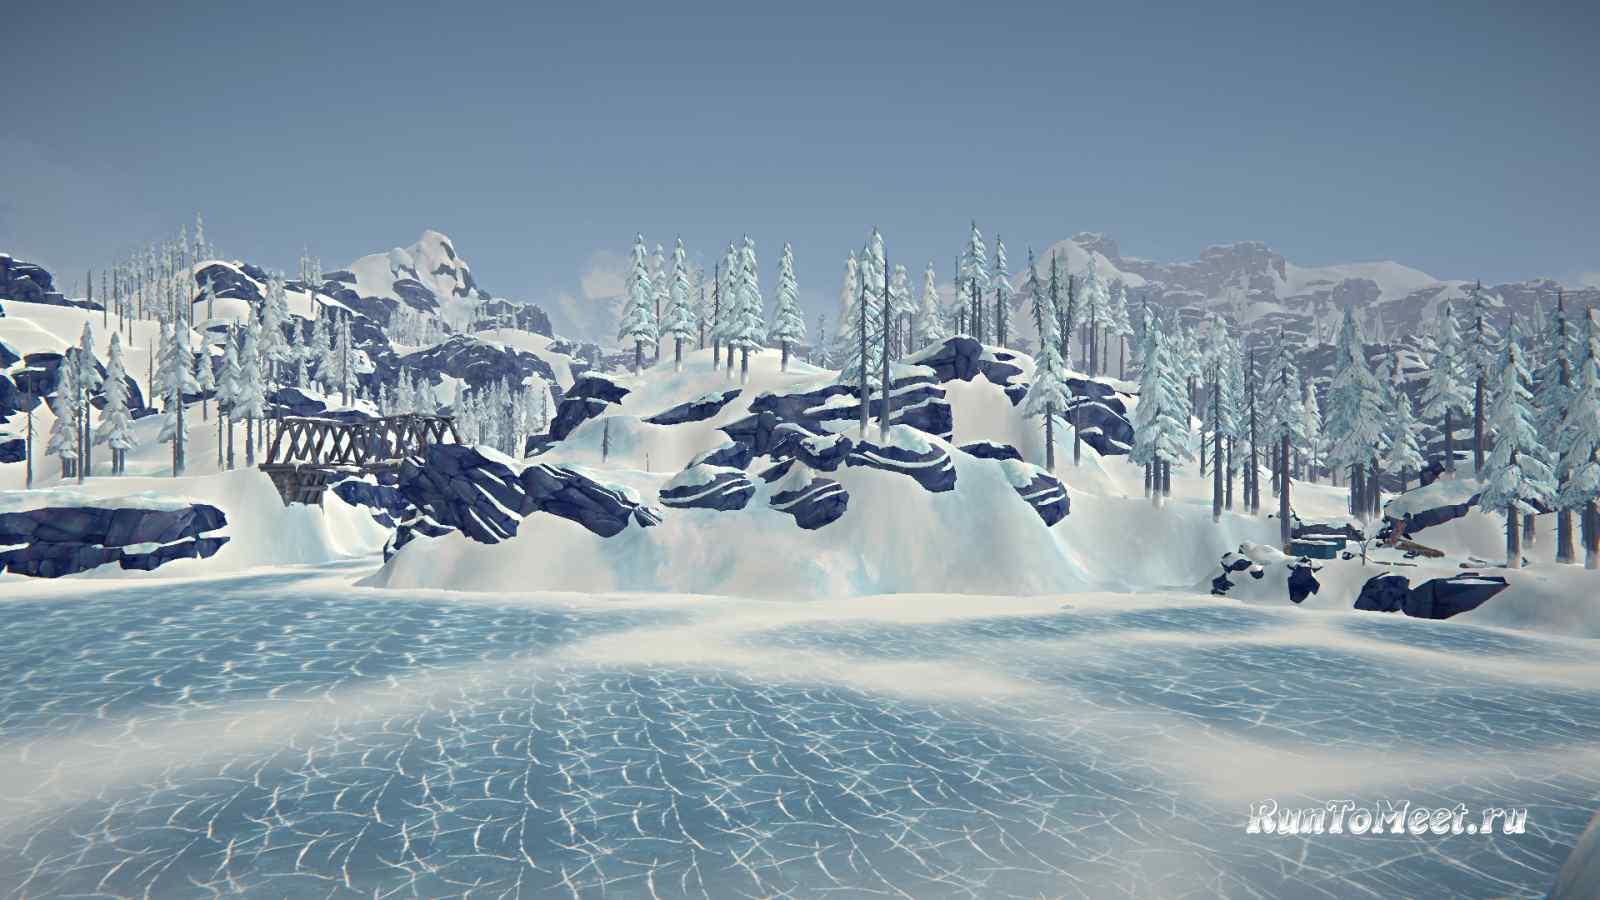 Вид с острова на Остановку и Вагончики, Бледной бухты, в игре The long dark